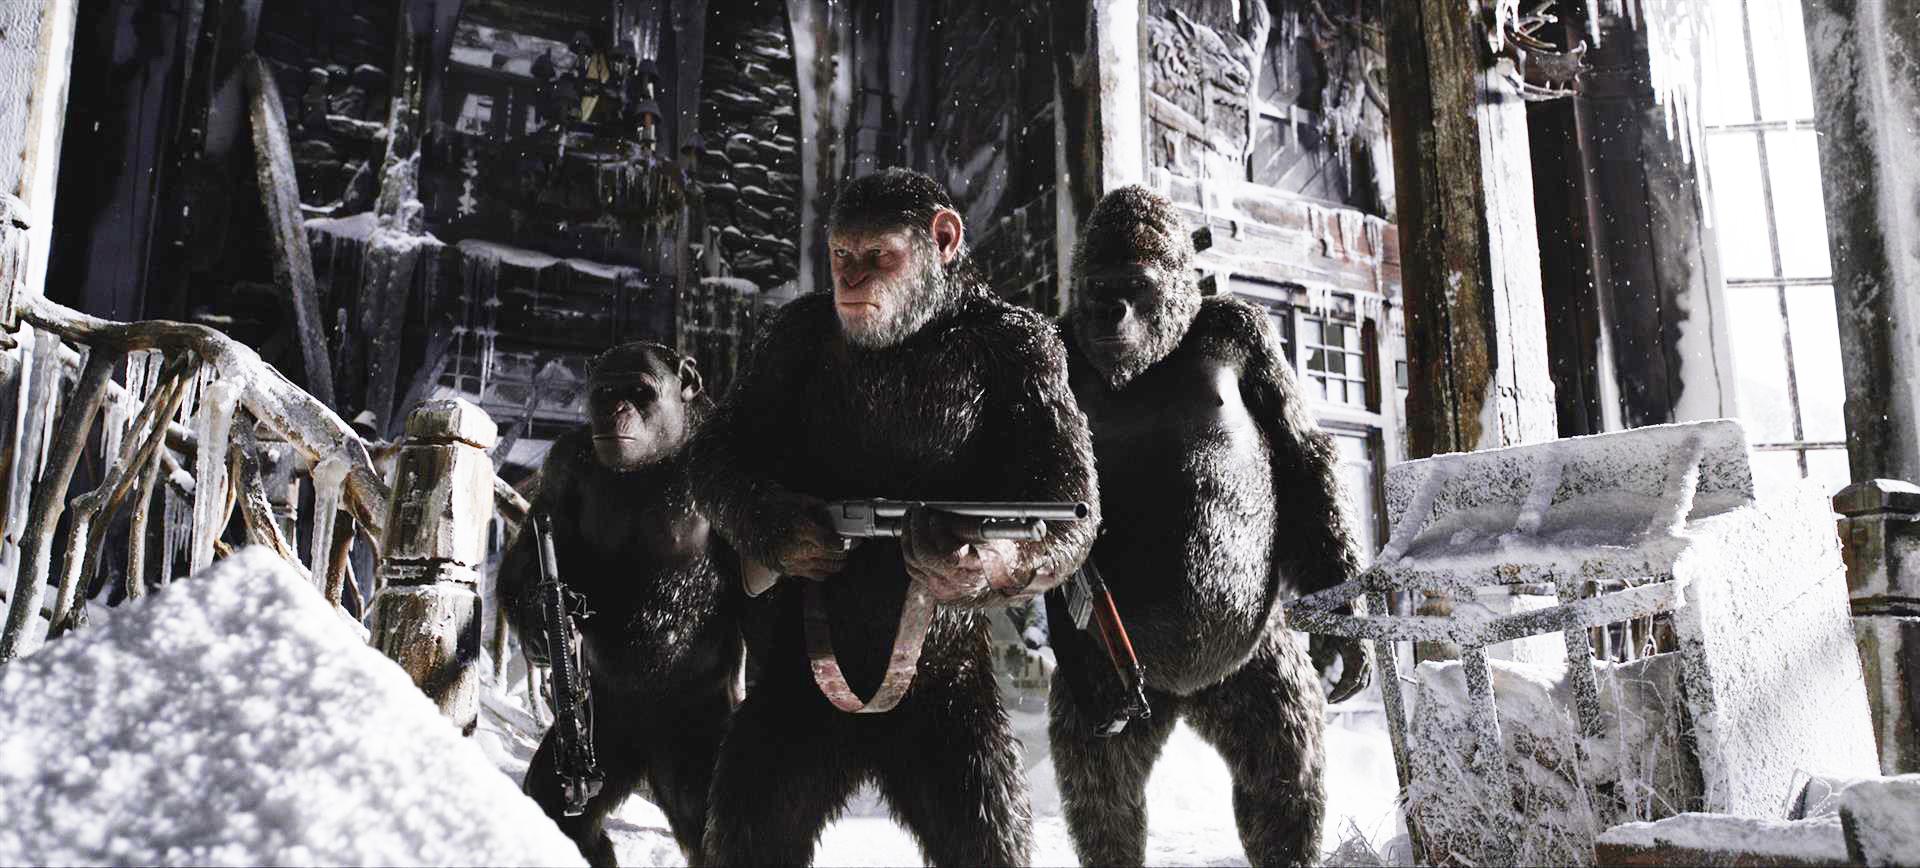 La guerra del planeta de los simios_1 (Large)